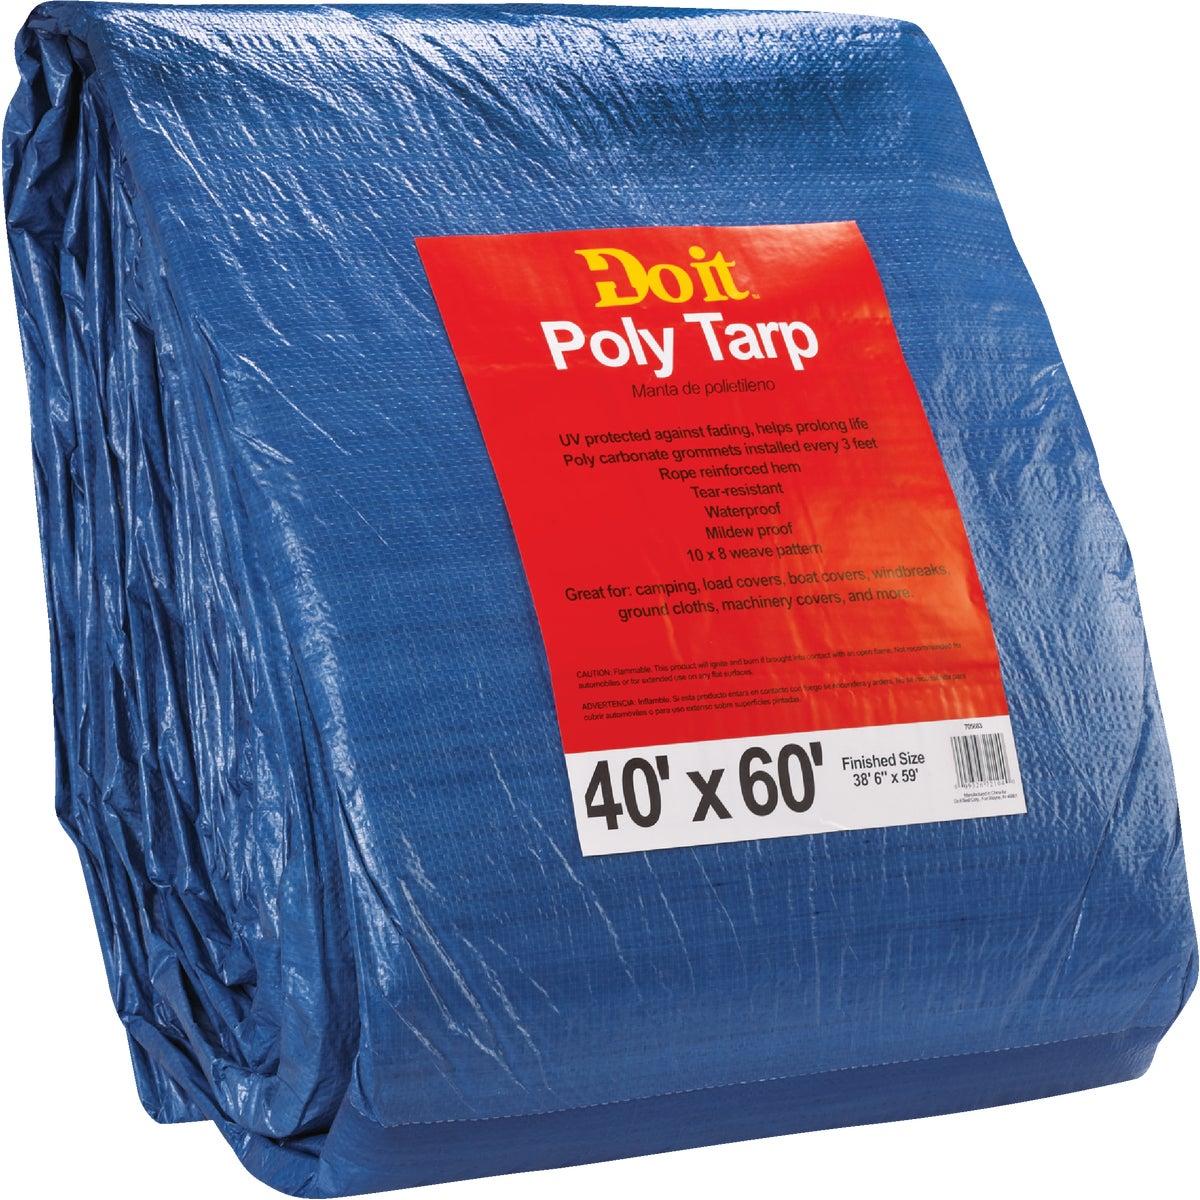 40X60 BLUE MED DUTY TARP